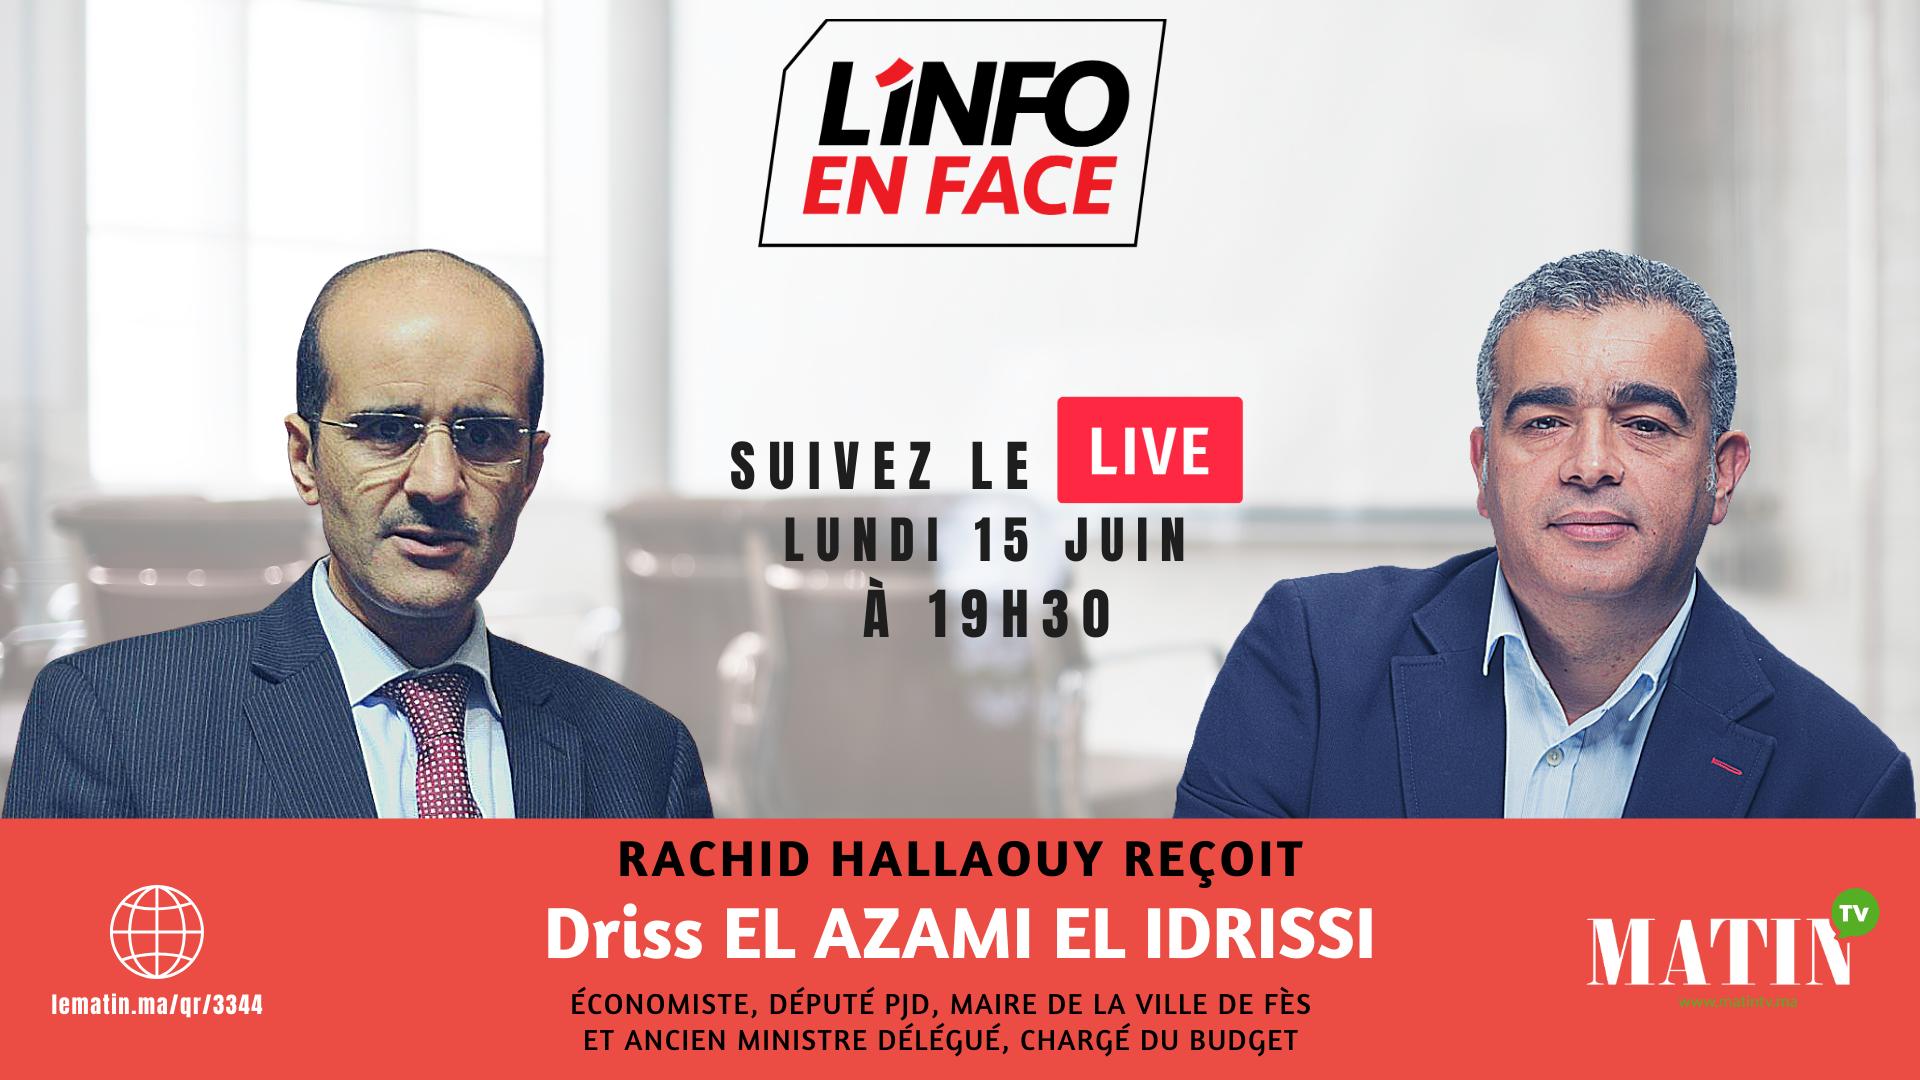 Live : L'Info en Face avec Driss El Azami El Idrissi